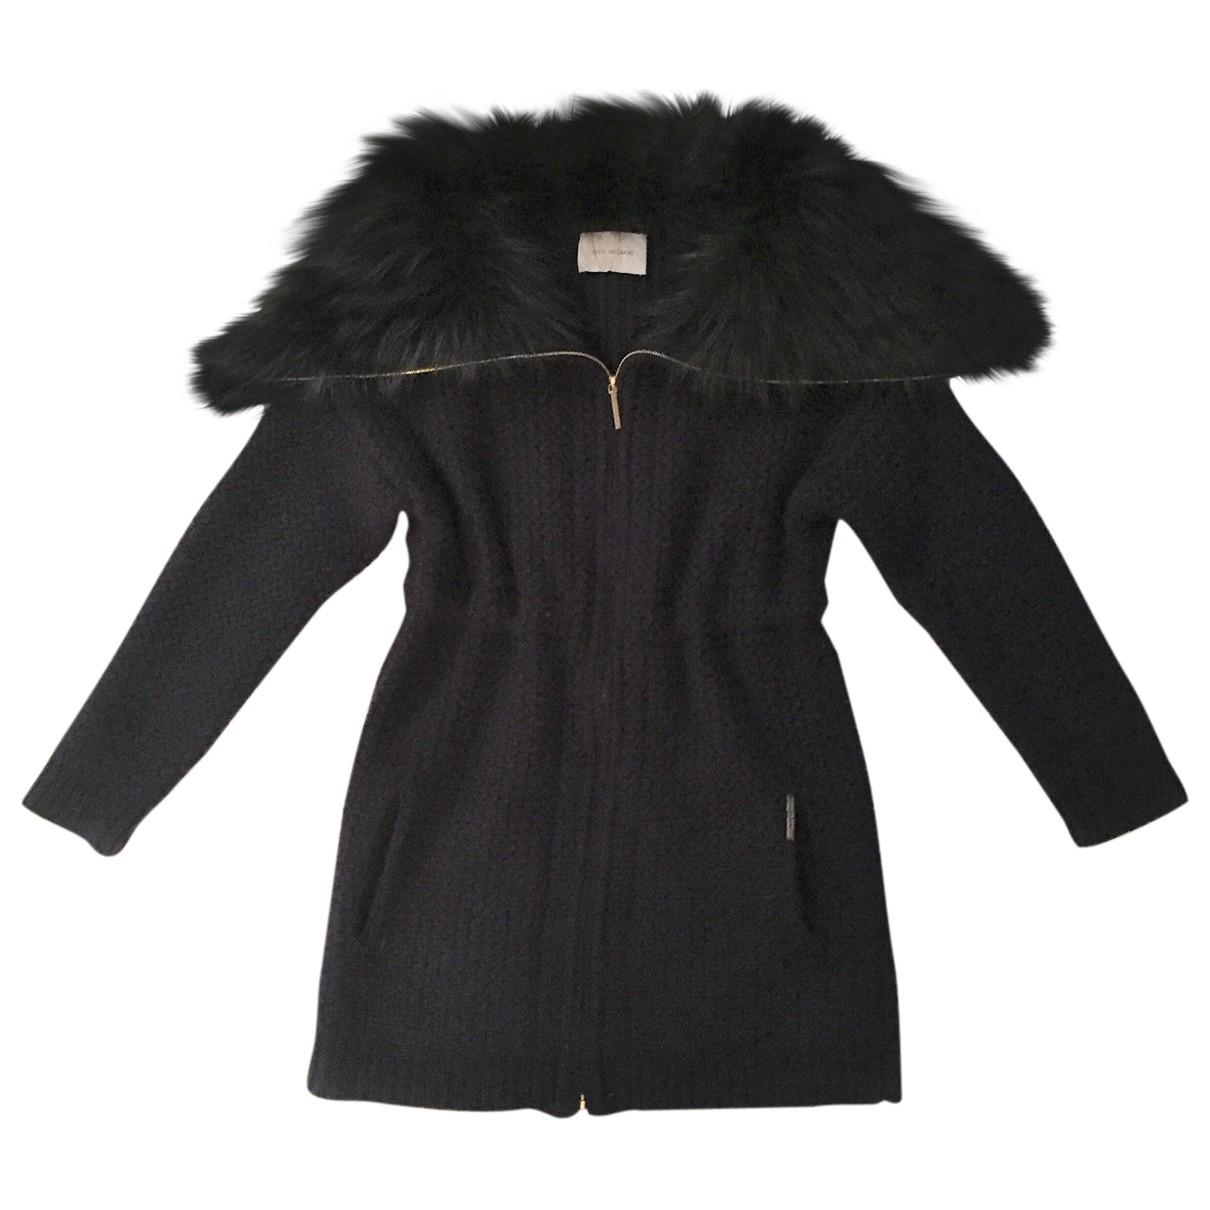 Yves Salomon \N Navy Fur coat for Women 38 FR